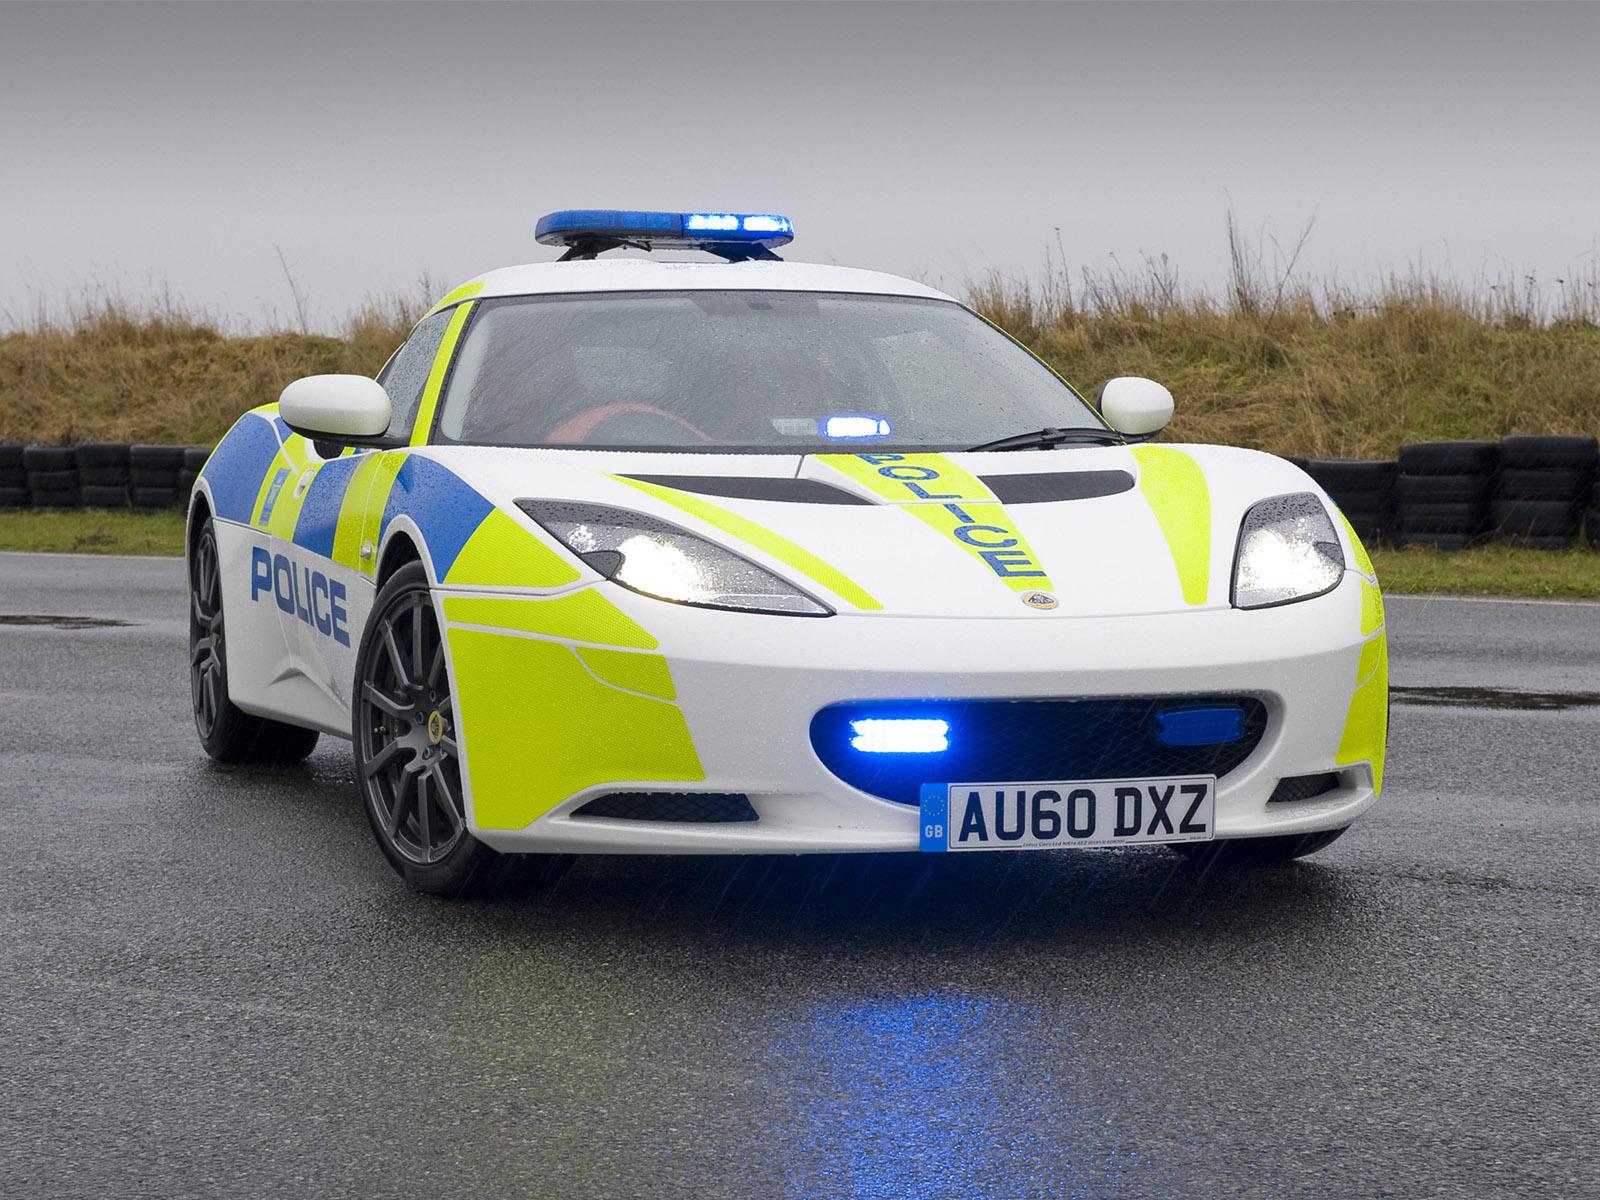 Lotus Evora S - UK police